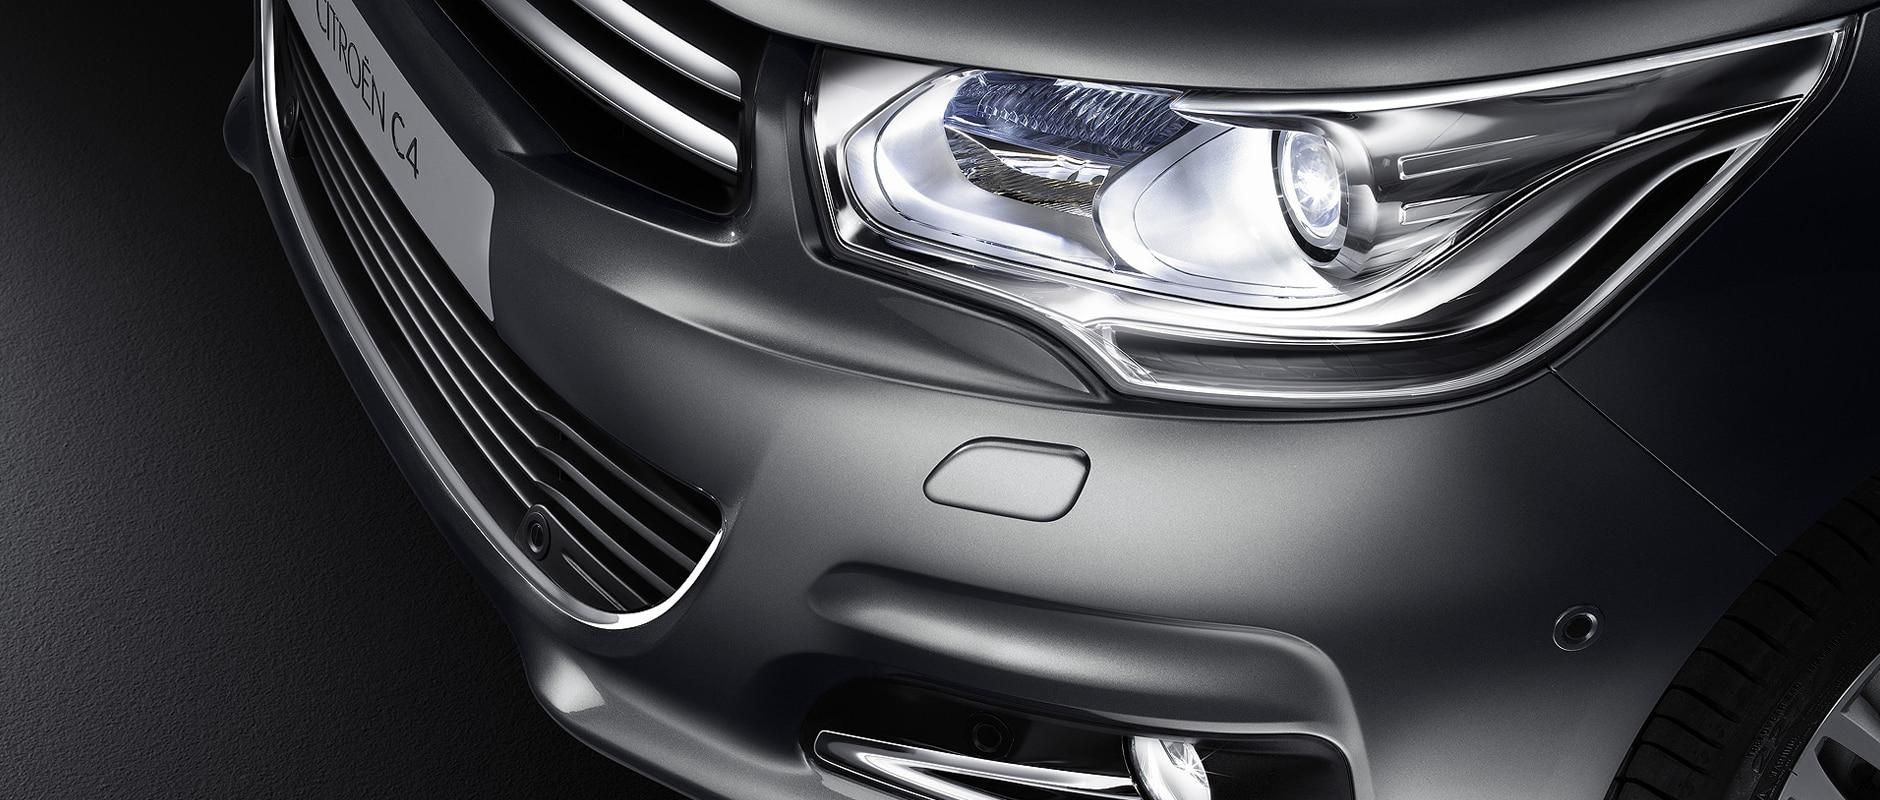 Citroën C4 - détails - Sécurité